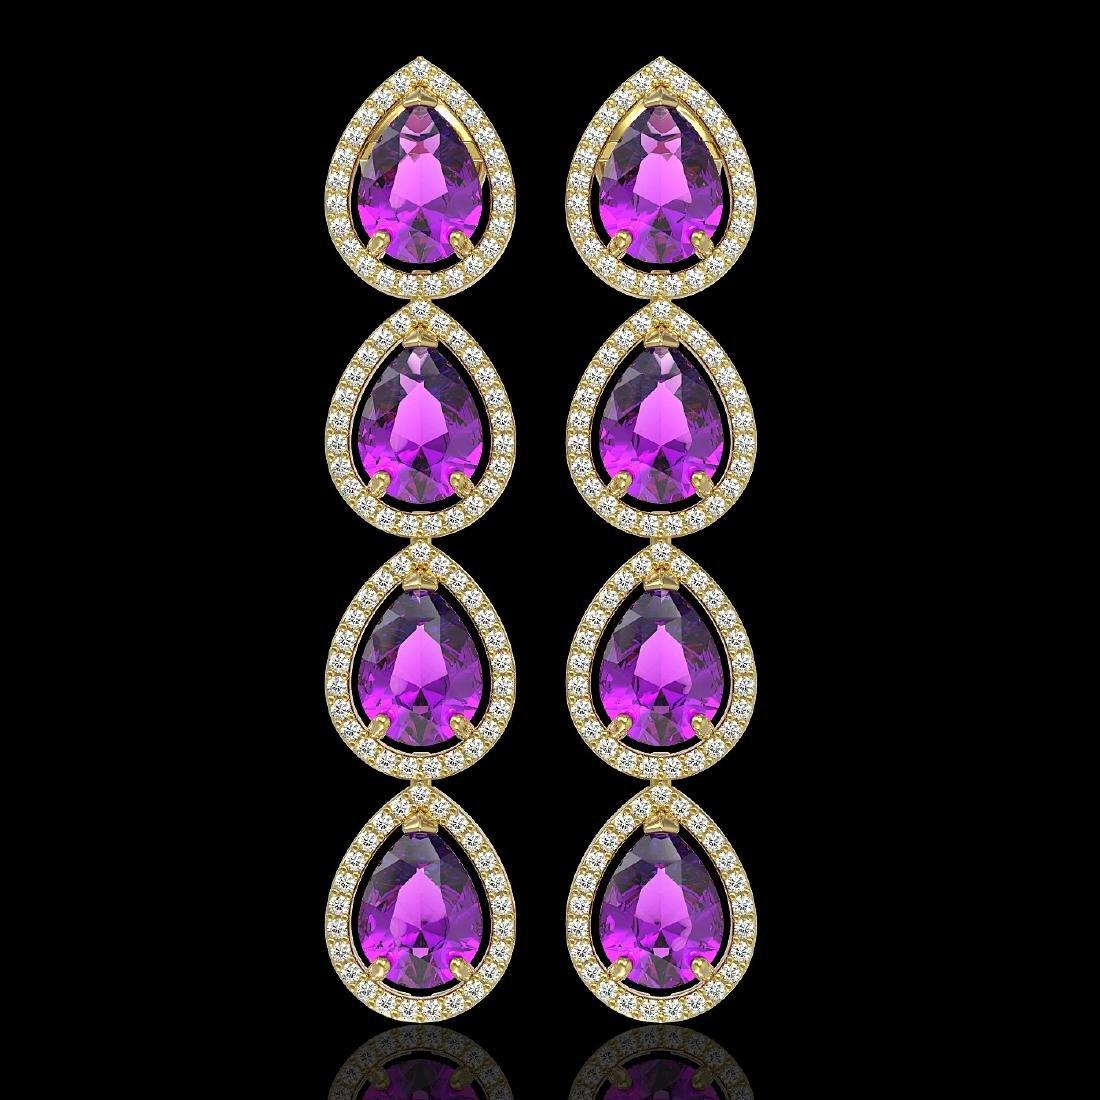 10.85 CTW Amethyst & Diamond Halo Earrings 10K Yellow